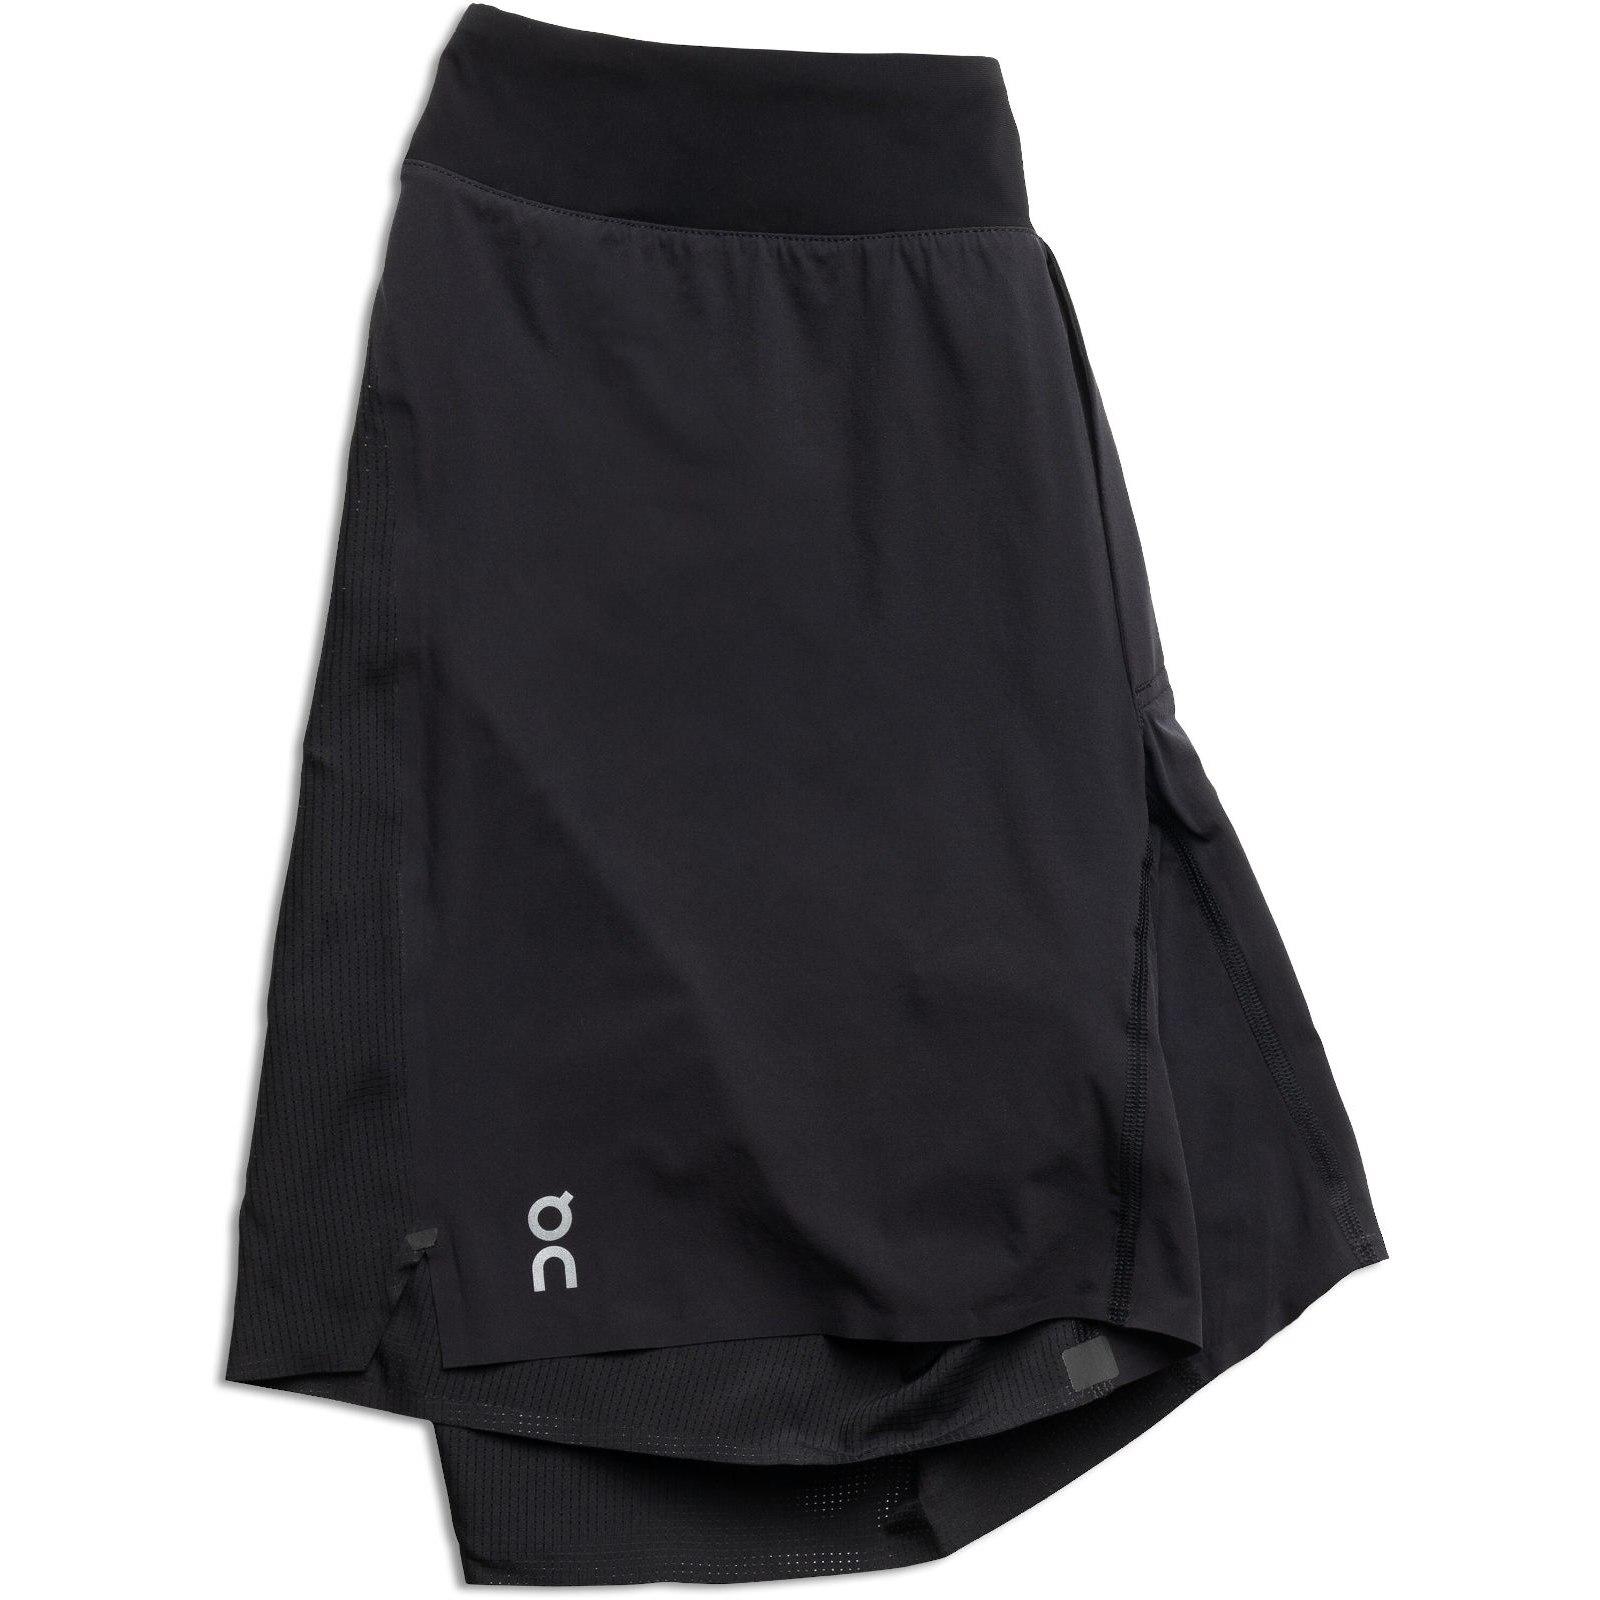 Produktbild von On Lightweight Shorts Laufhose - Black